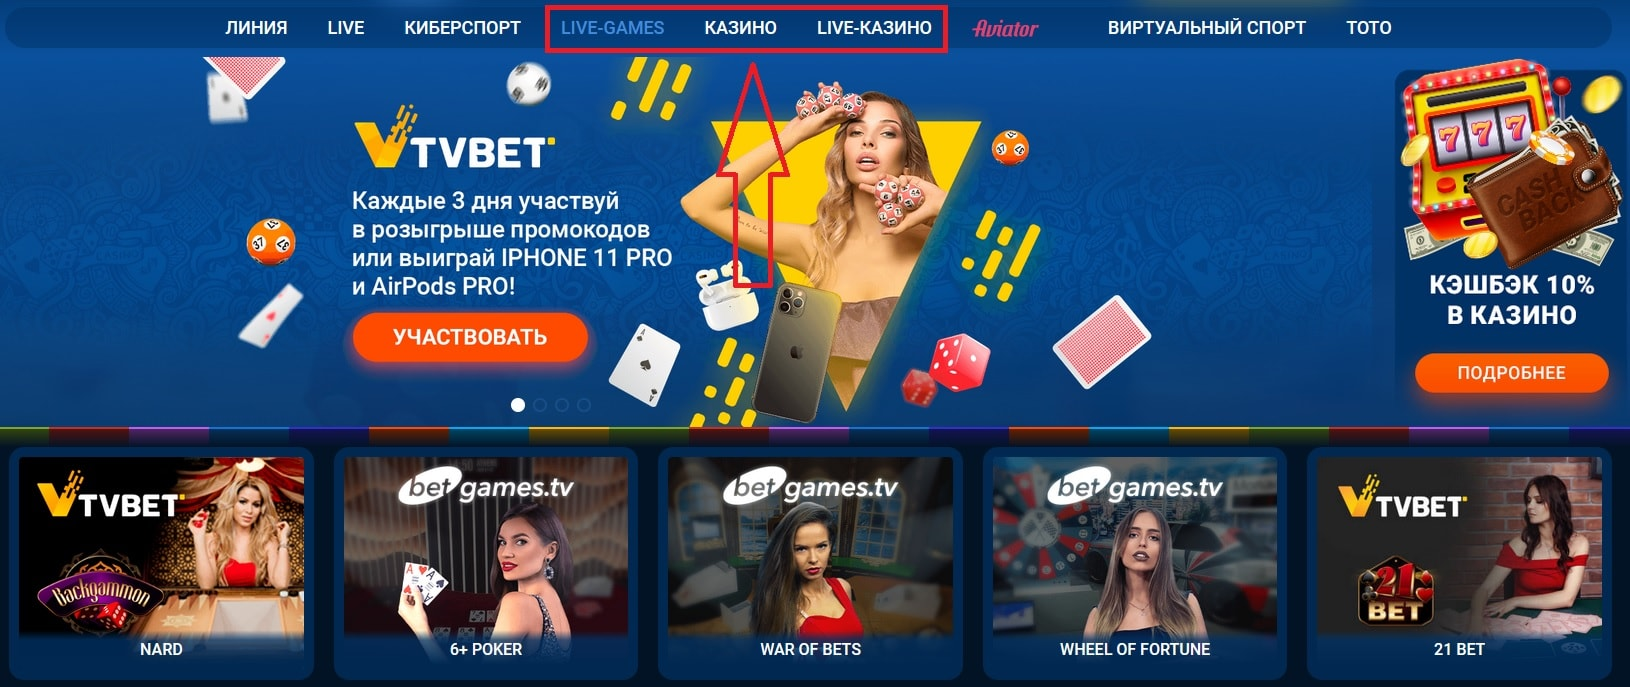 Ставки на азартные игры в БК Мостбет